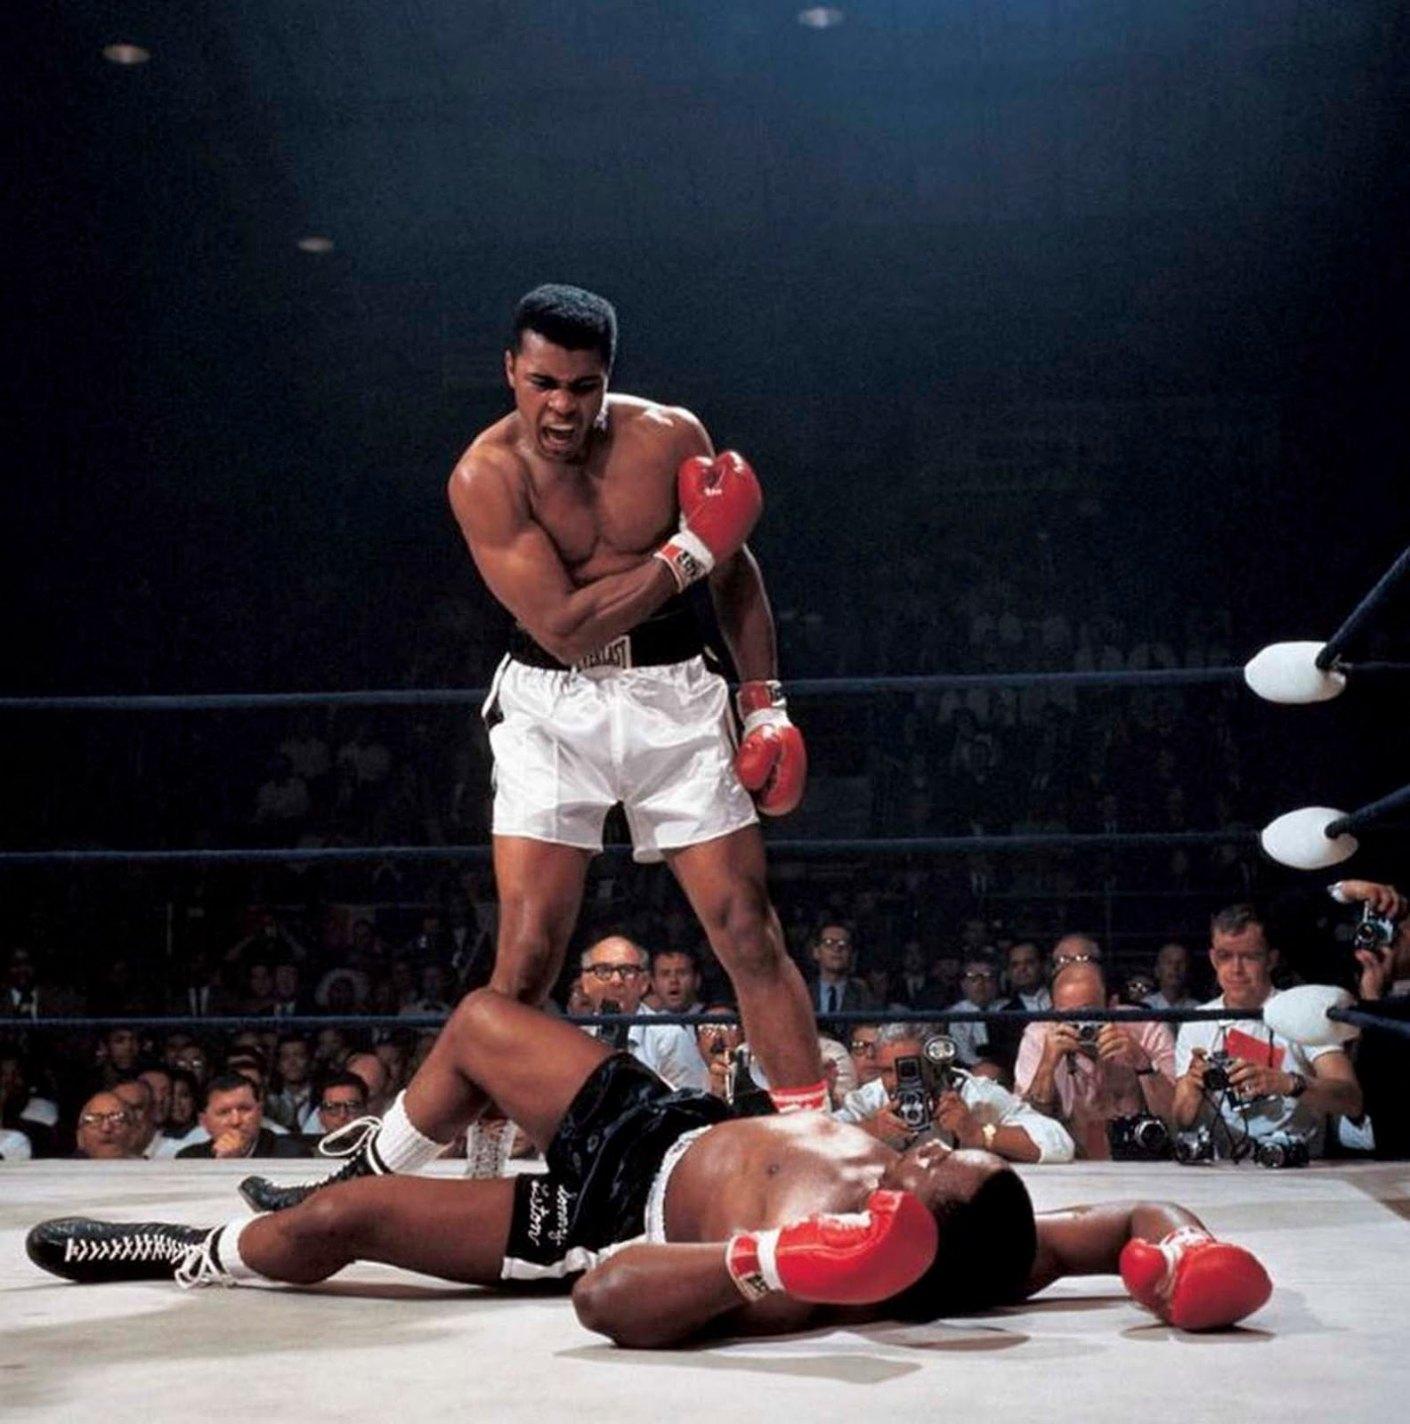 Muhammad Ali vs. Sonny Liston, Neil Leifer, 1965